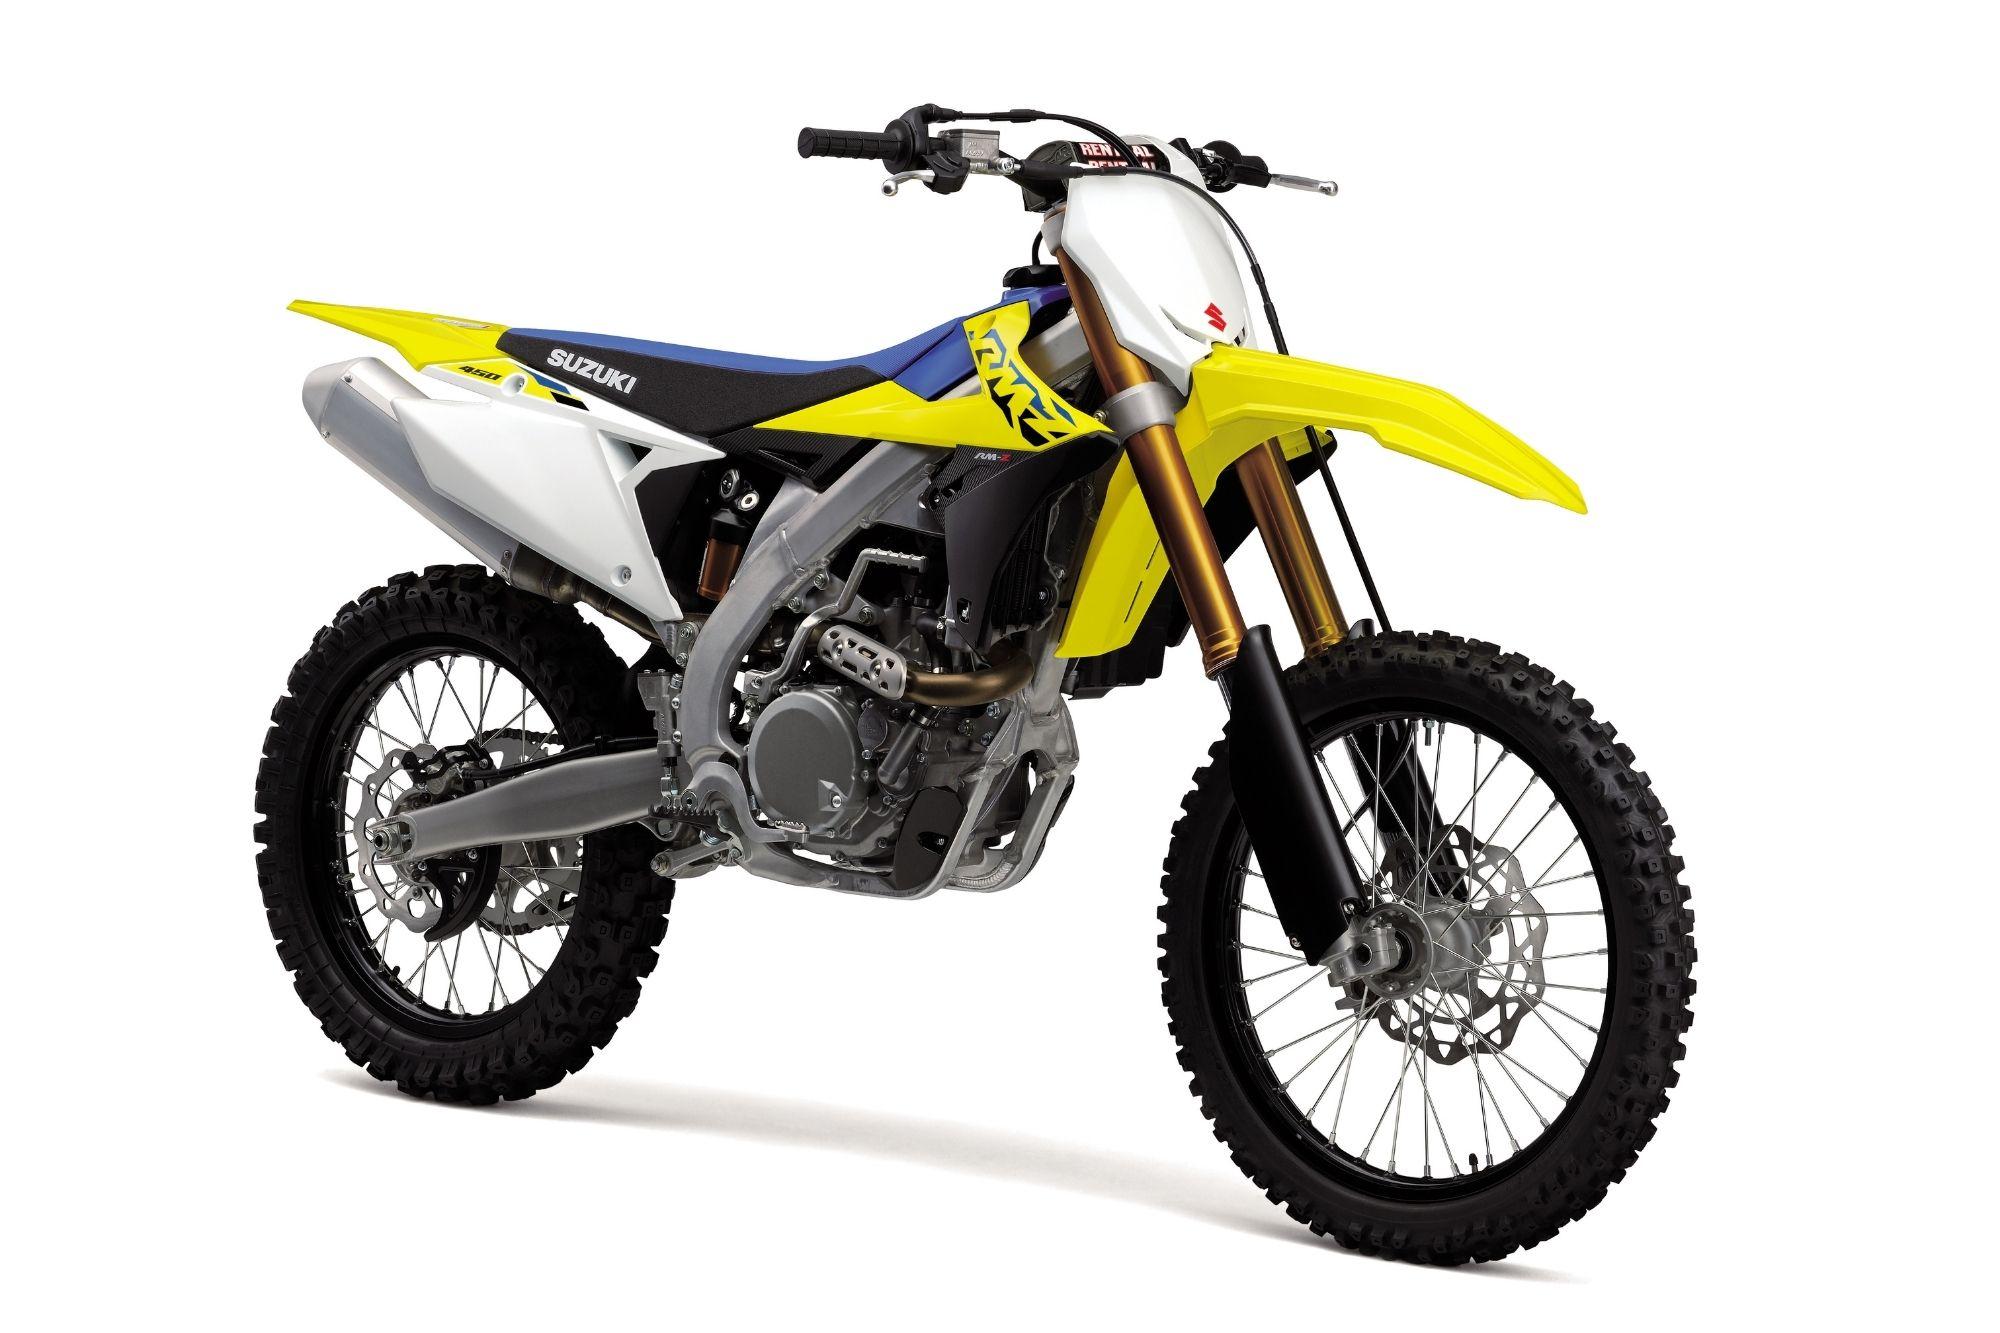 2022 RM-Z450